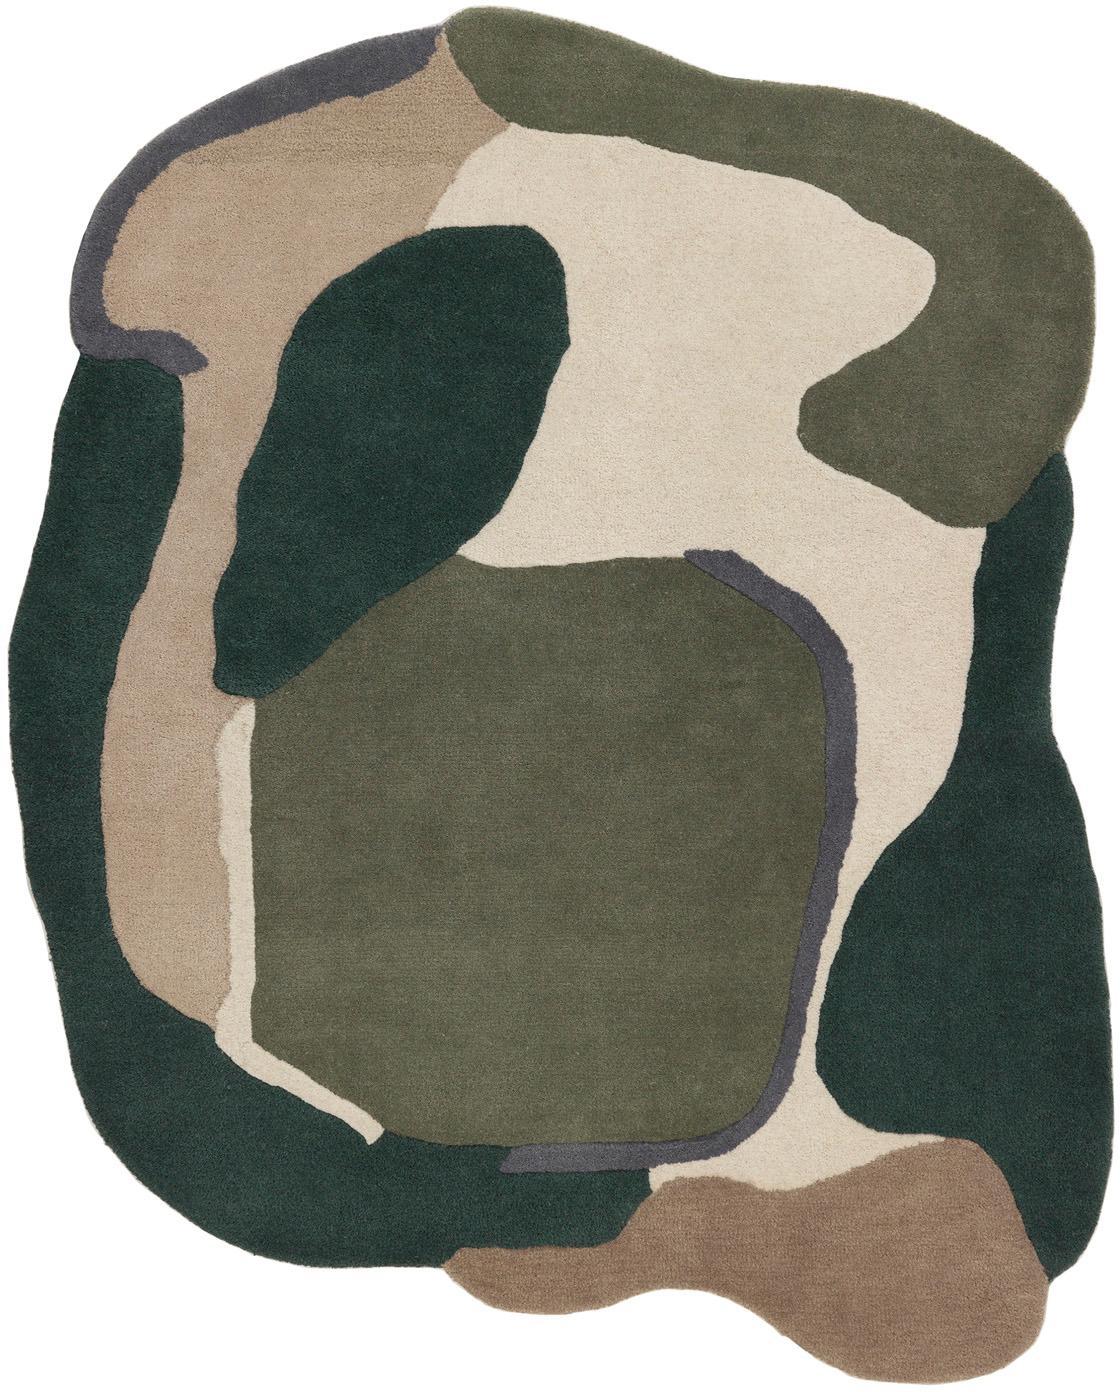 Dywan z wełny Oblivian, Zielony, beżowy, S 140 x D 180 cm